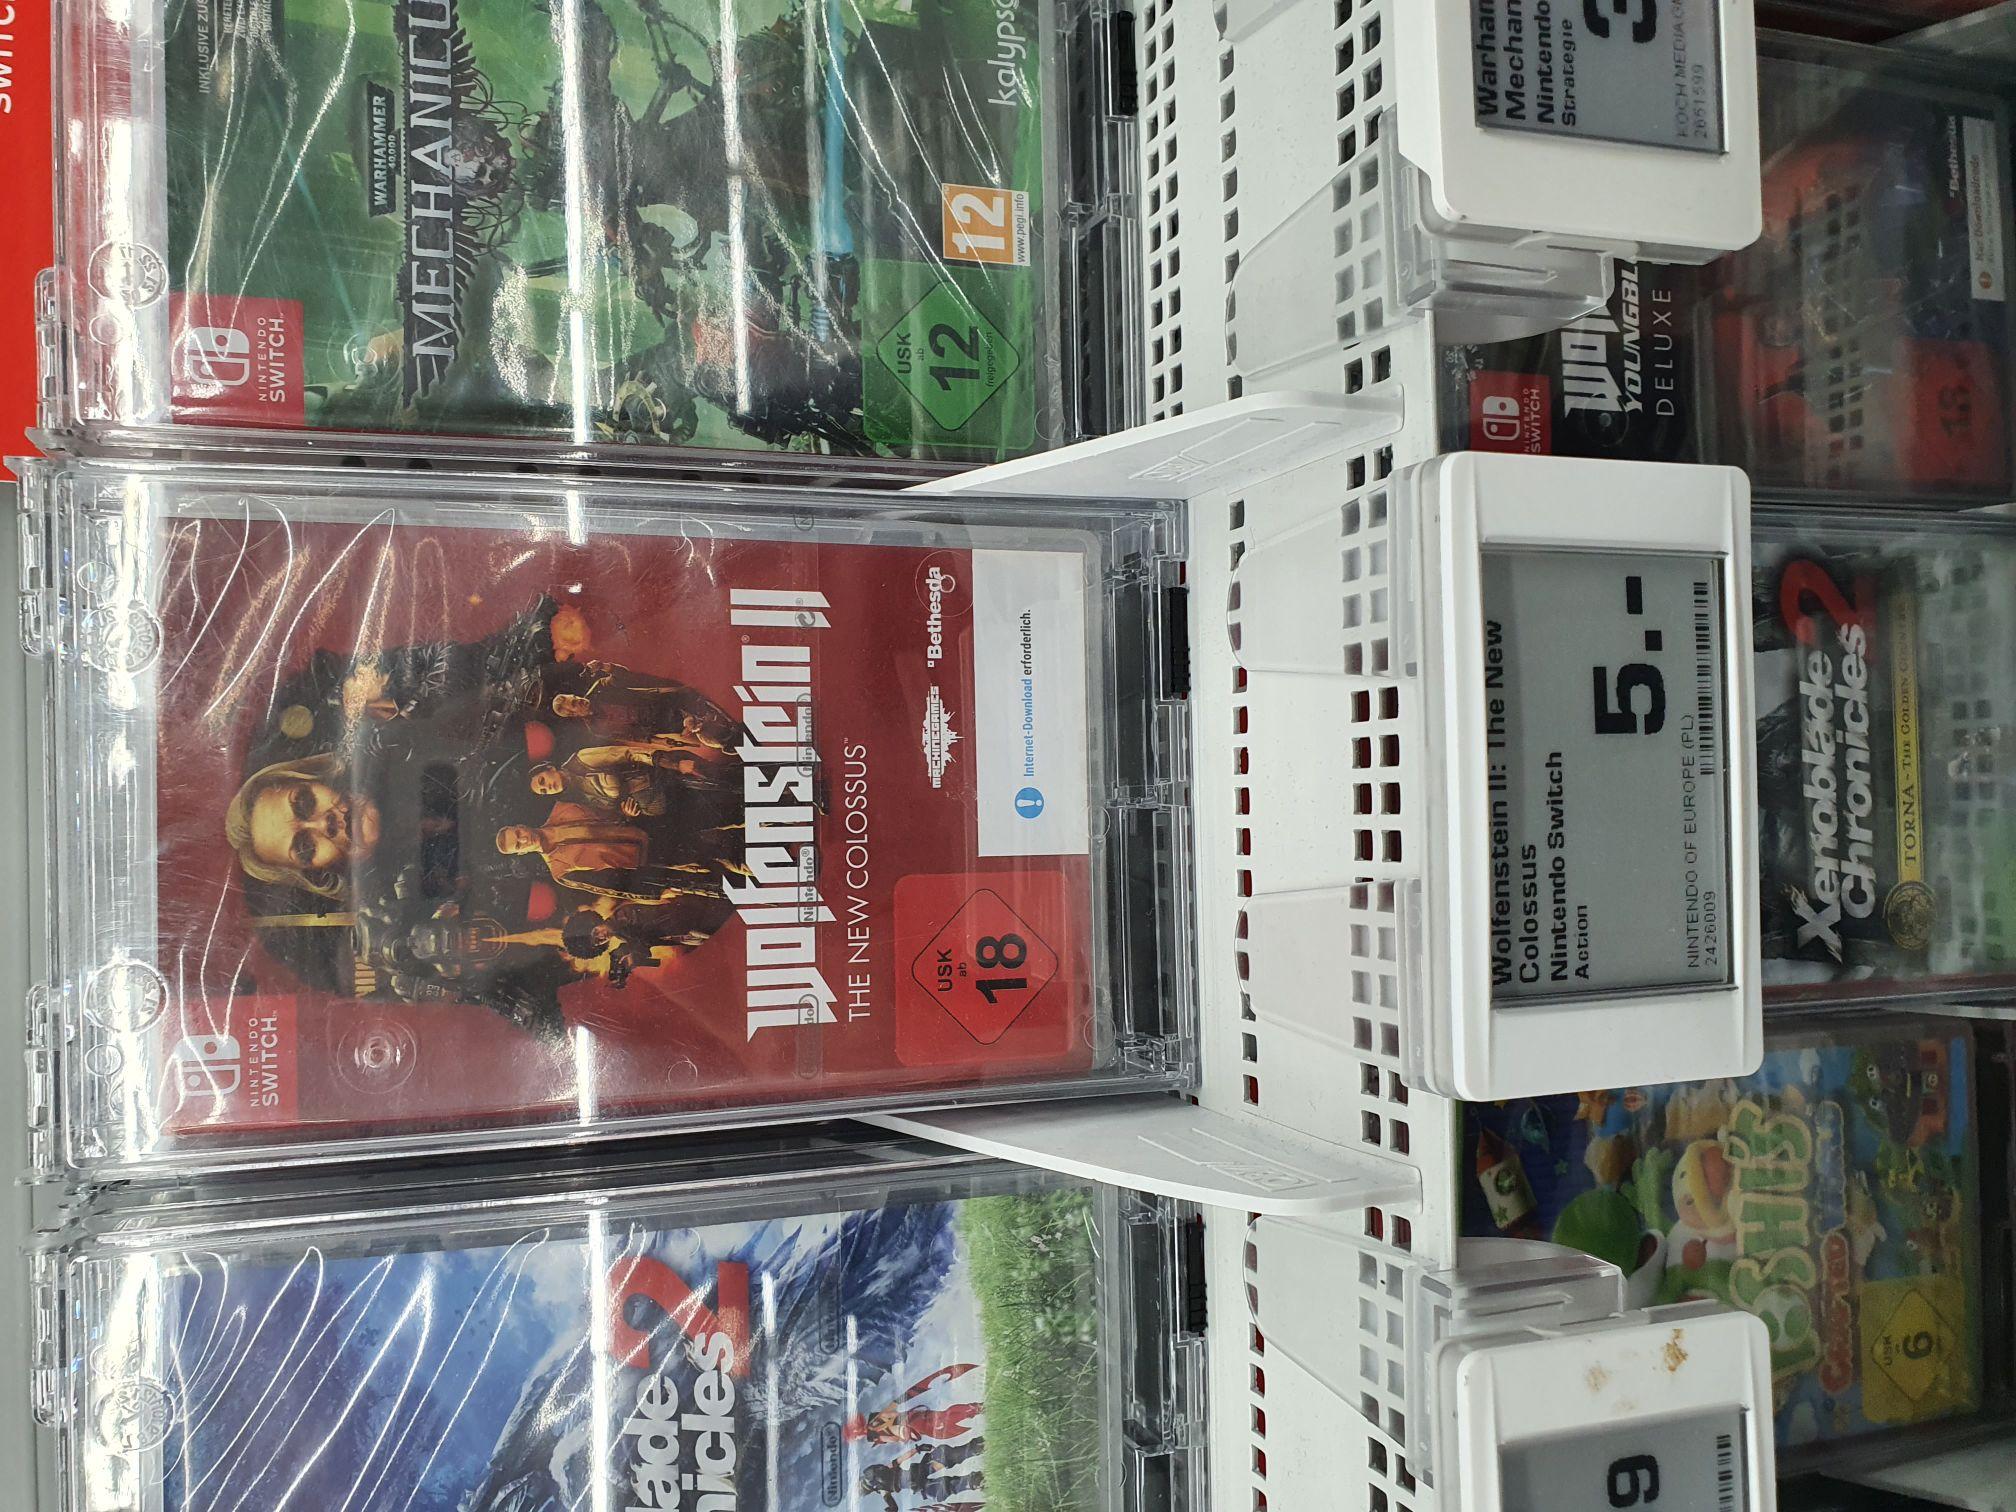 Lokal Saturn München Riem Wolfenstein 2 Nintendo Switch